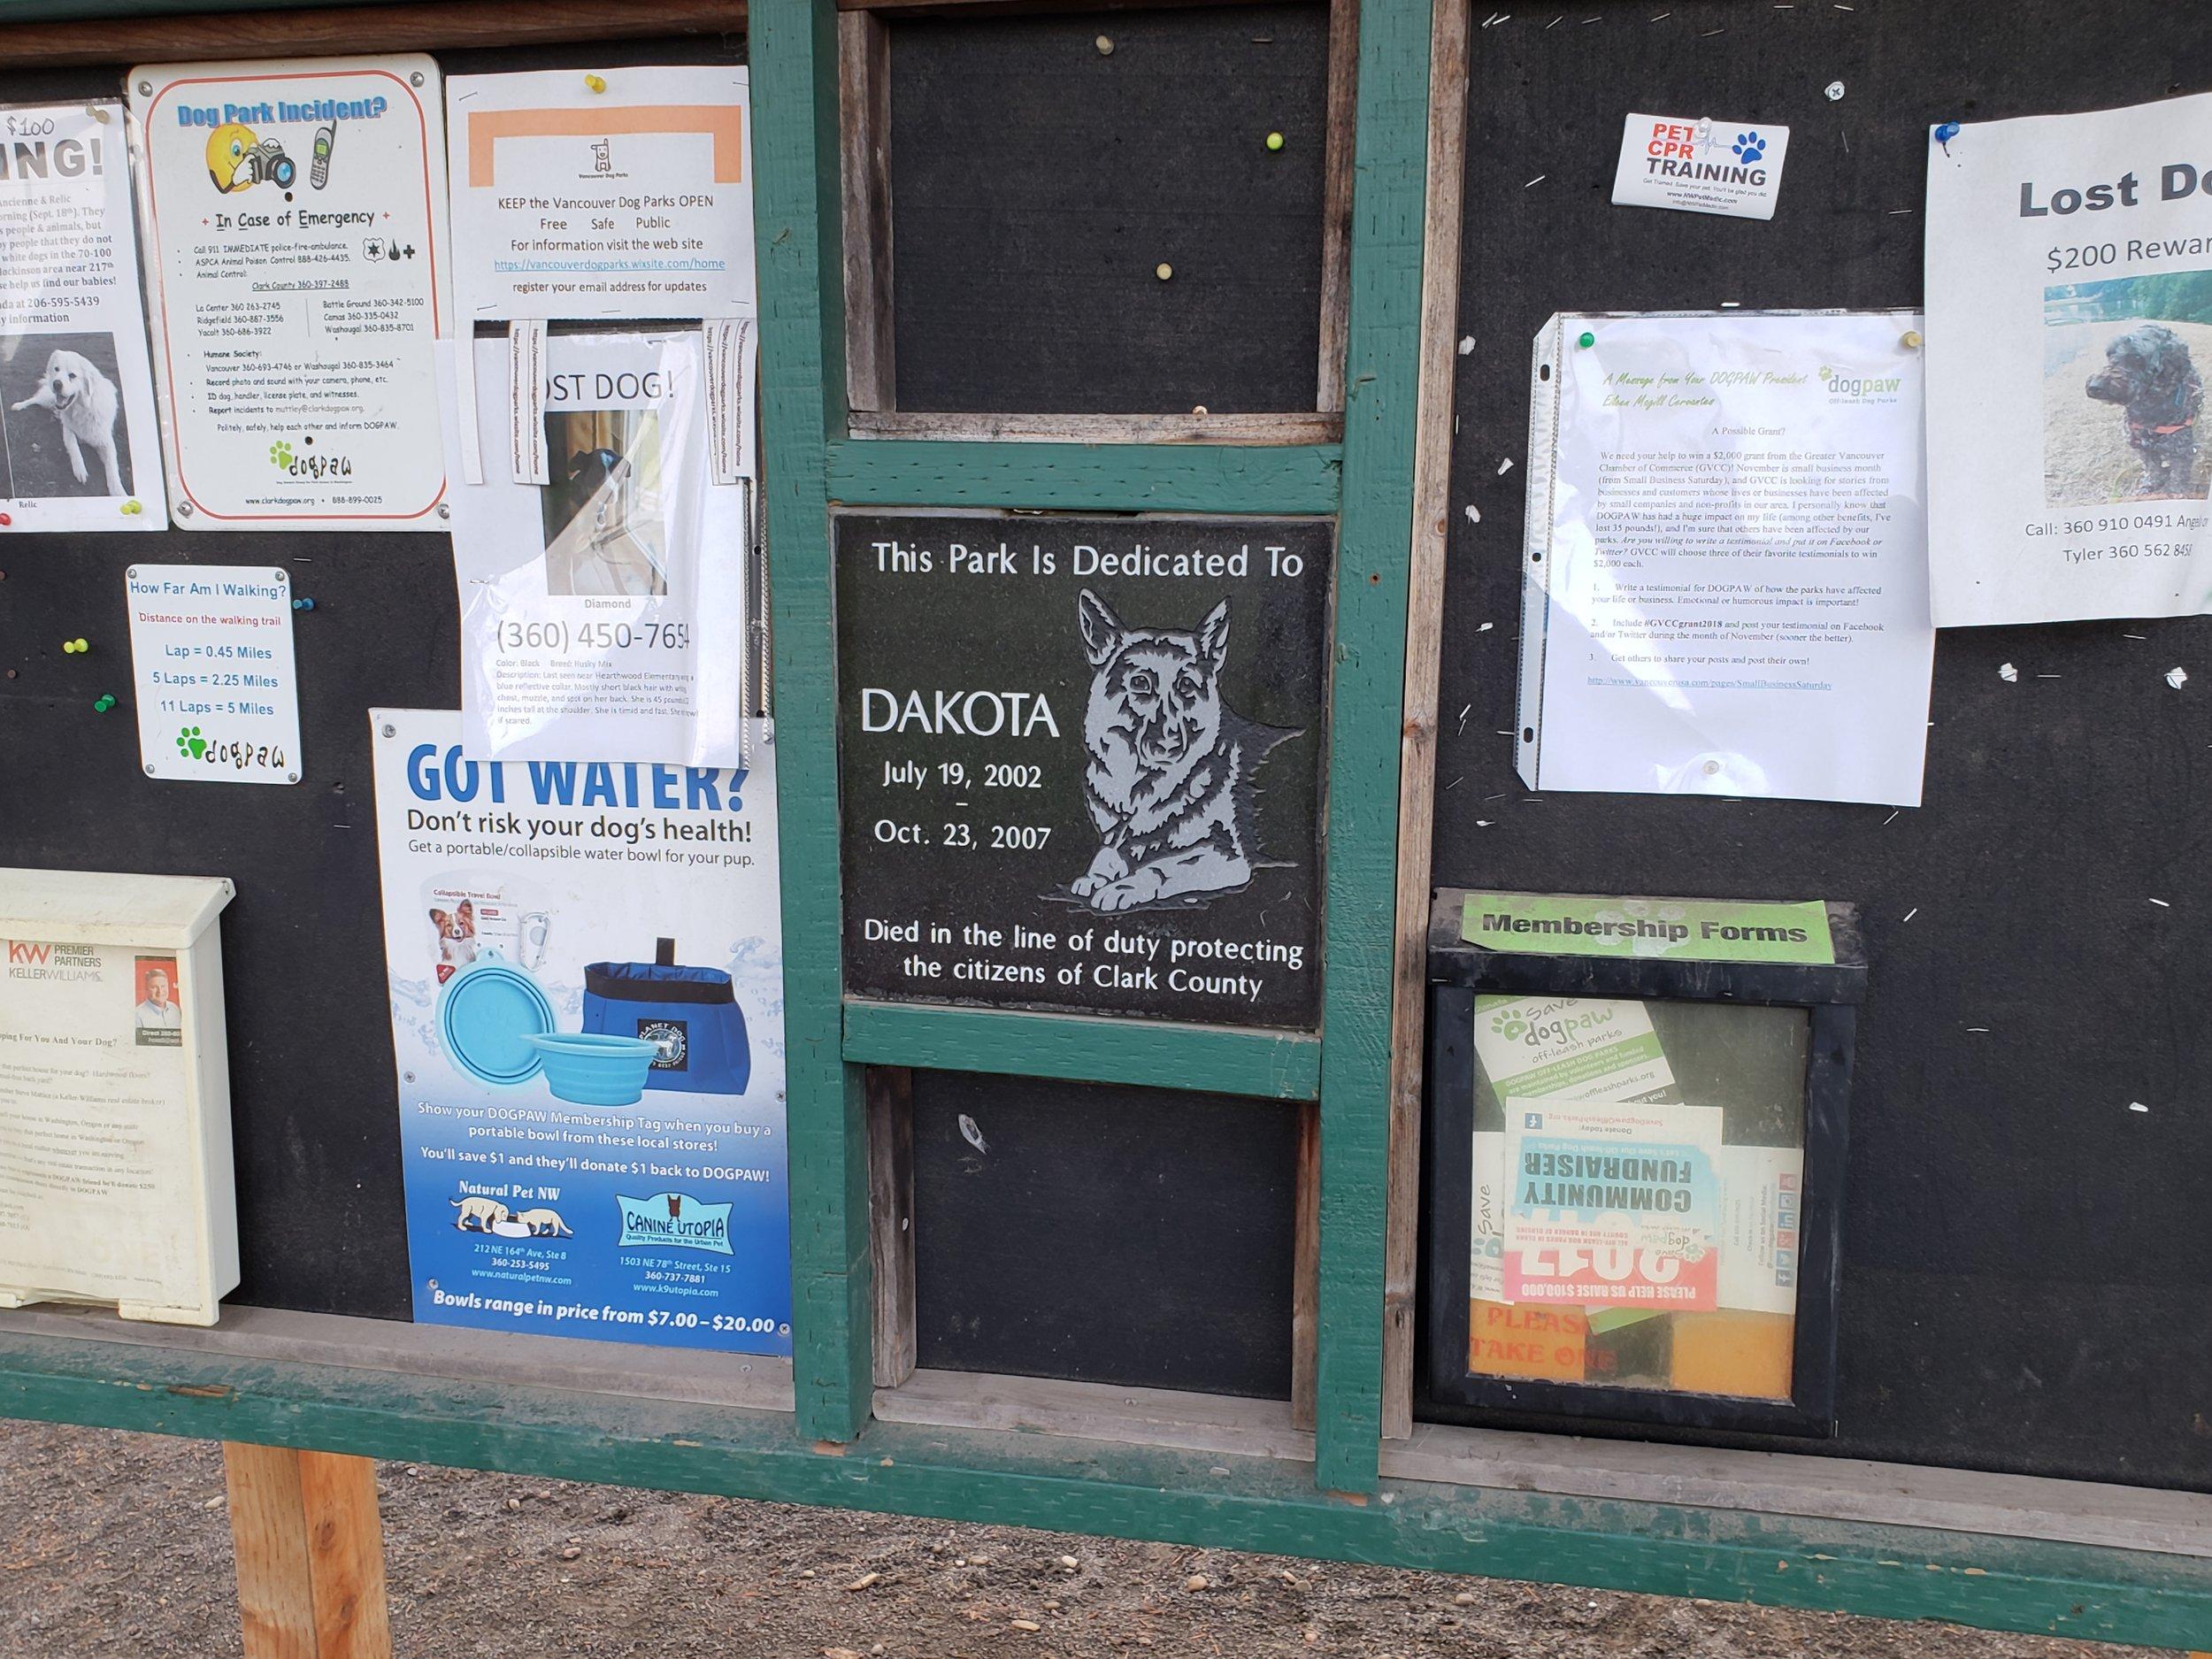 Dakota Dog Park Bulletin Board.jpg